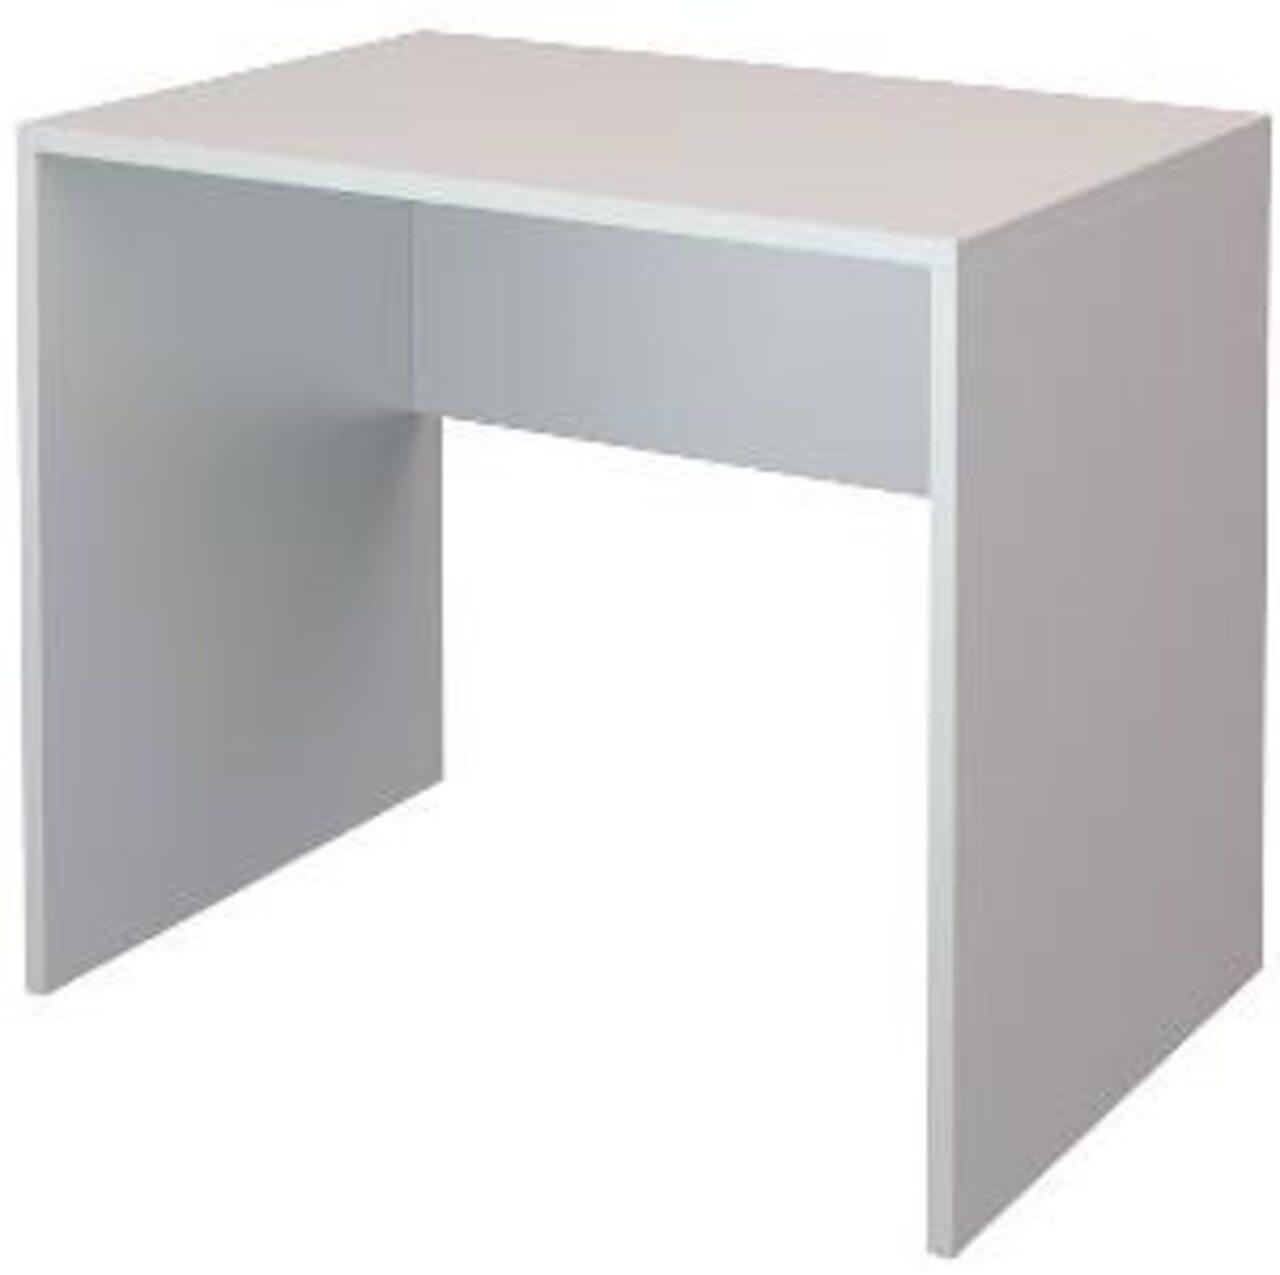 Стол рабочий  Арго 90x60x76 - фото 4